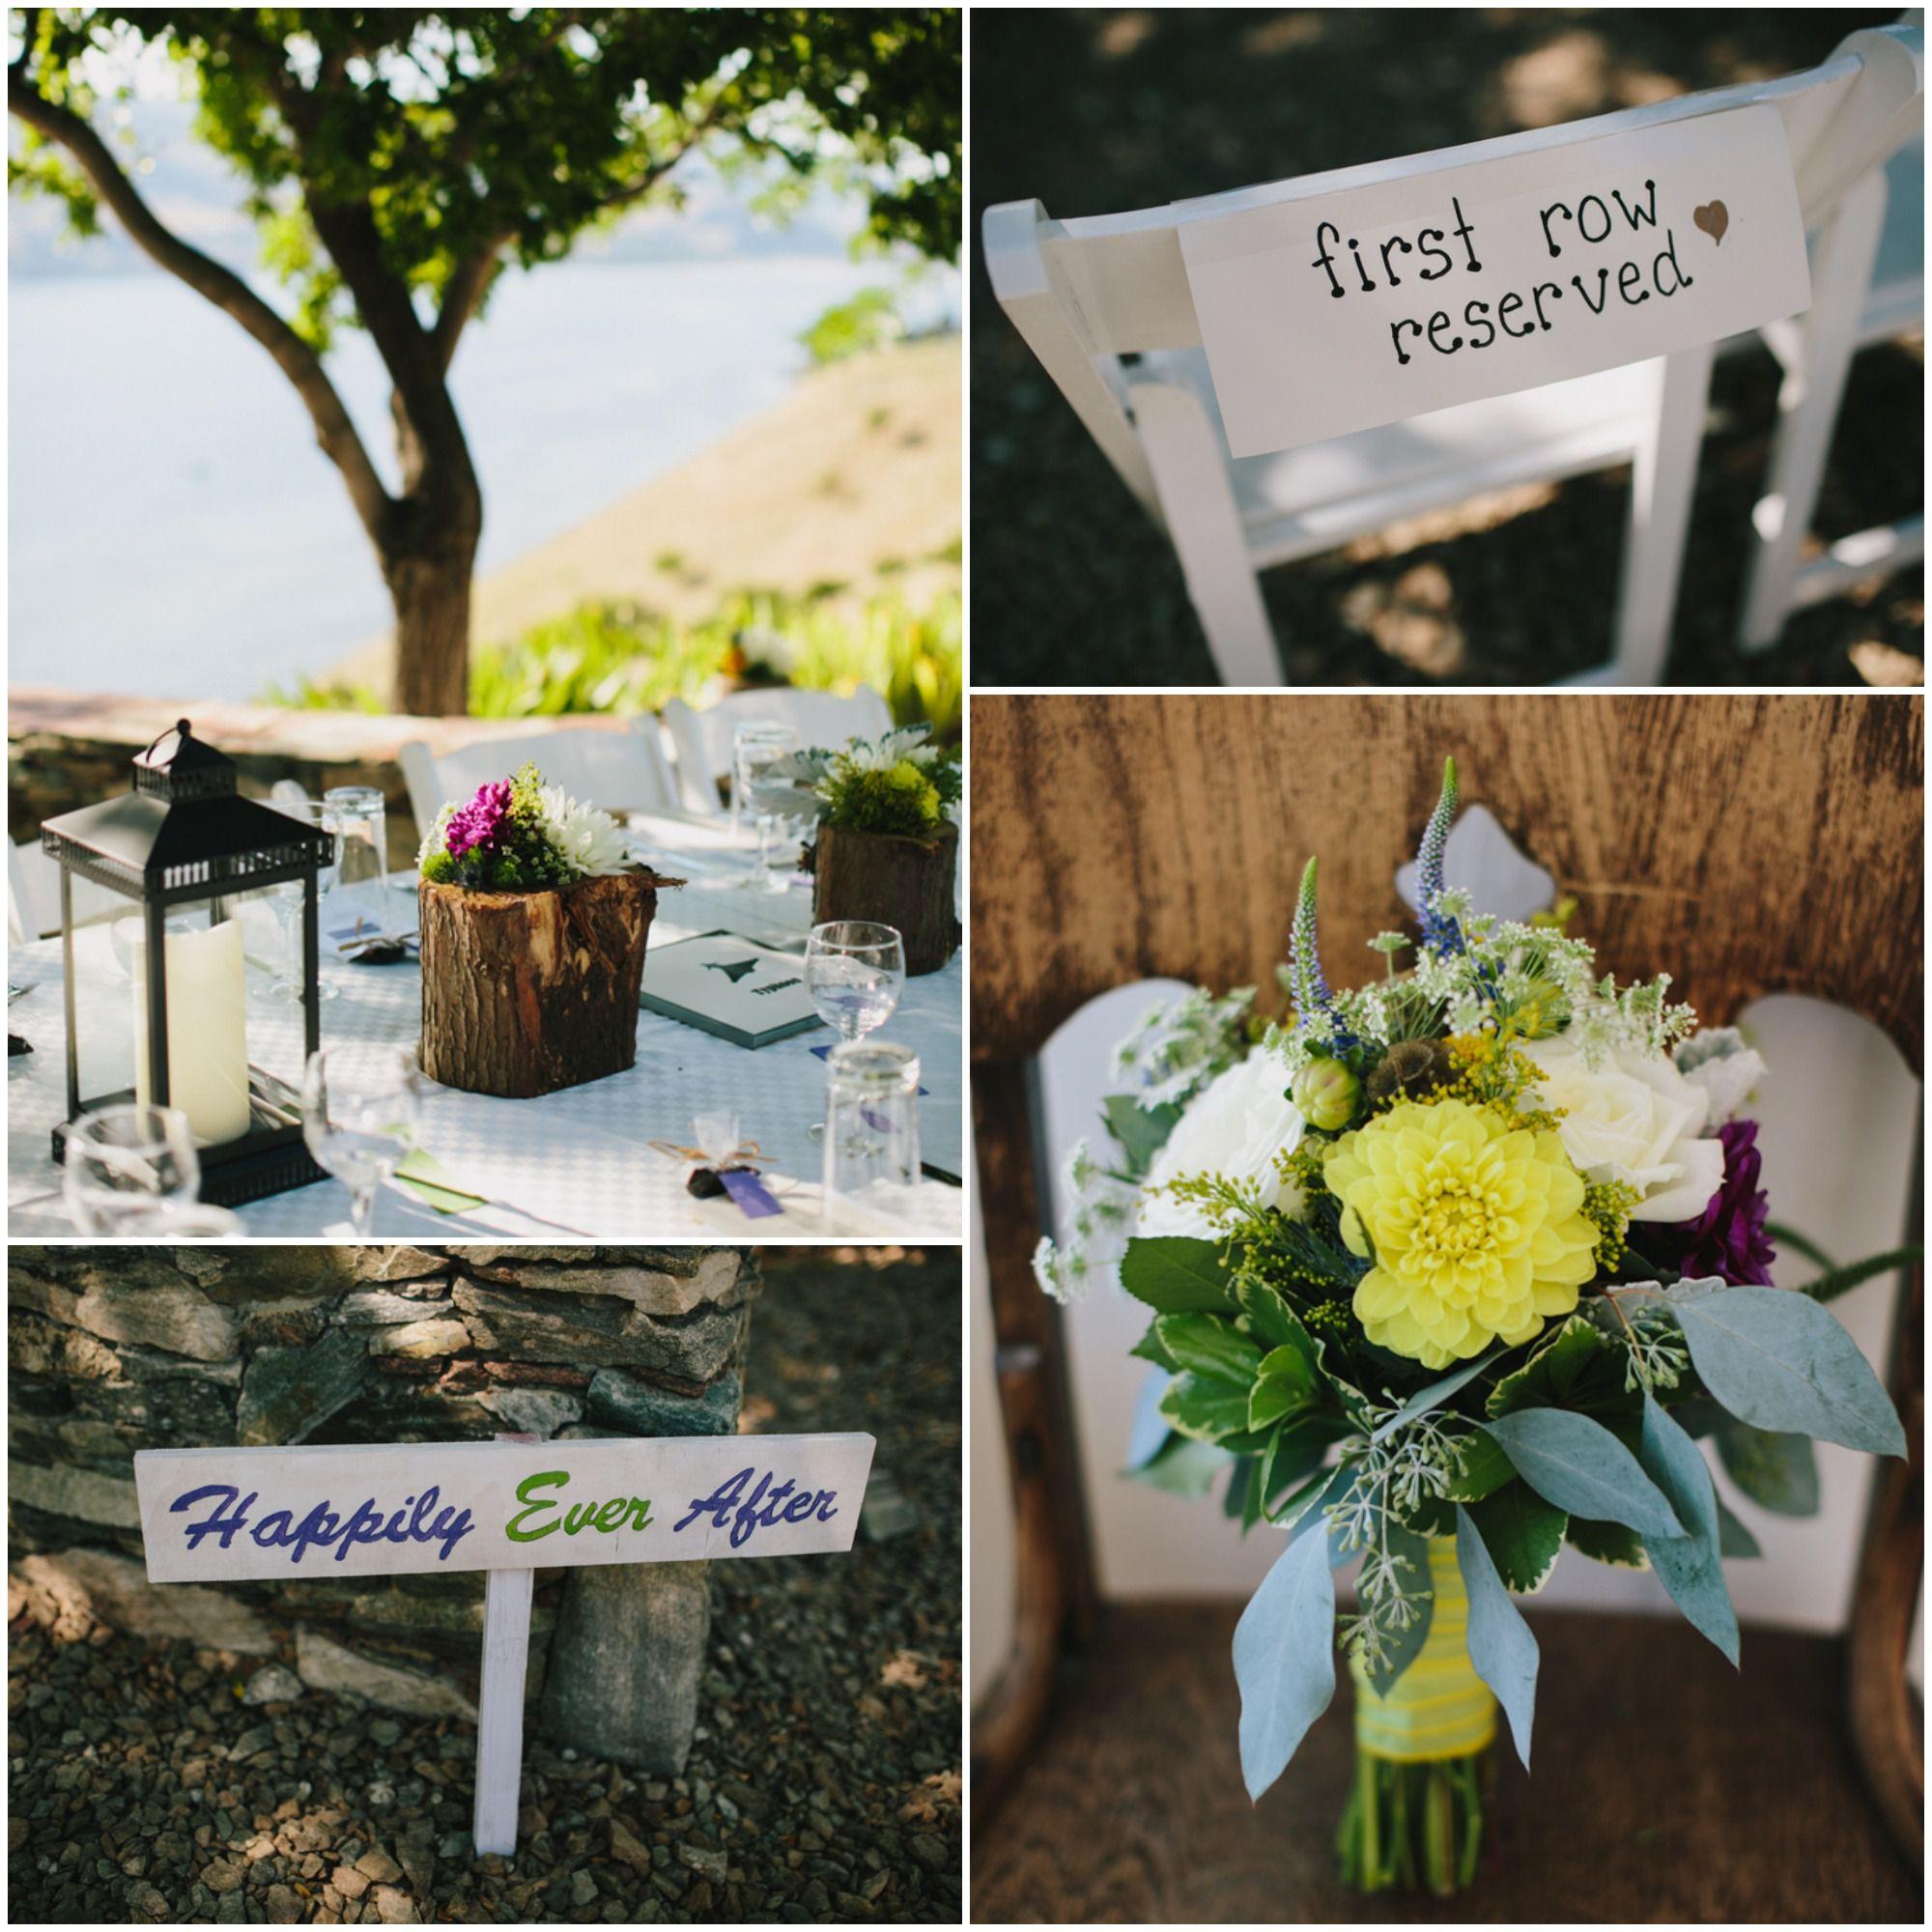 Rustic Chic Wedding Ideas: Rustic Wedding Chic